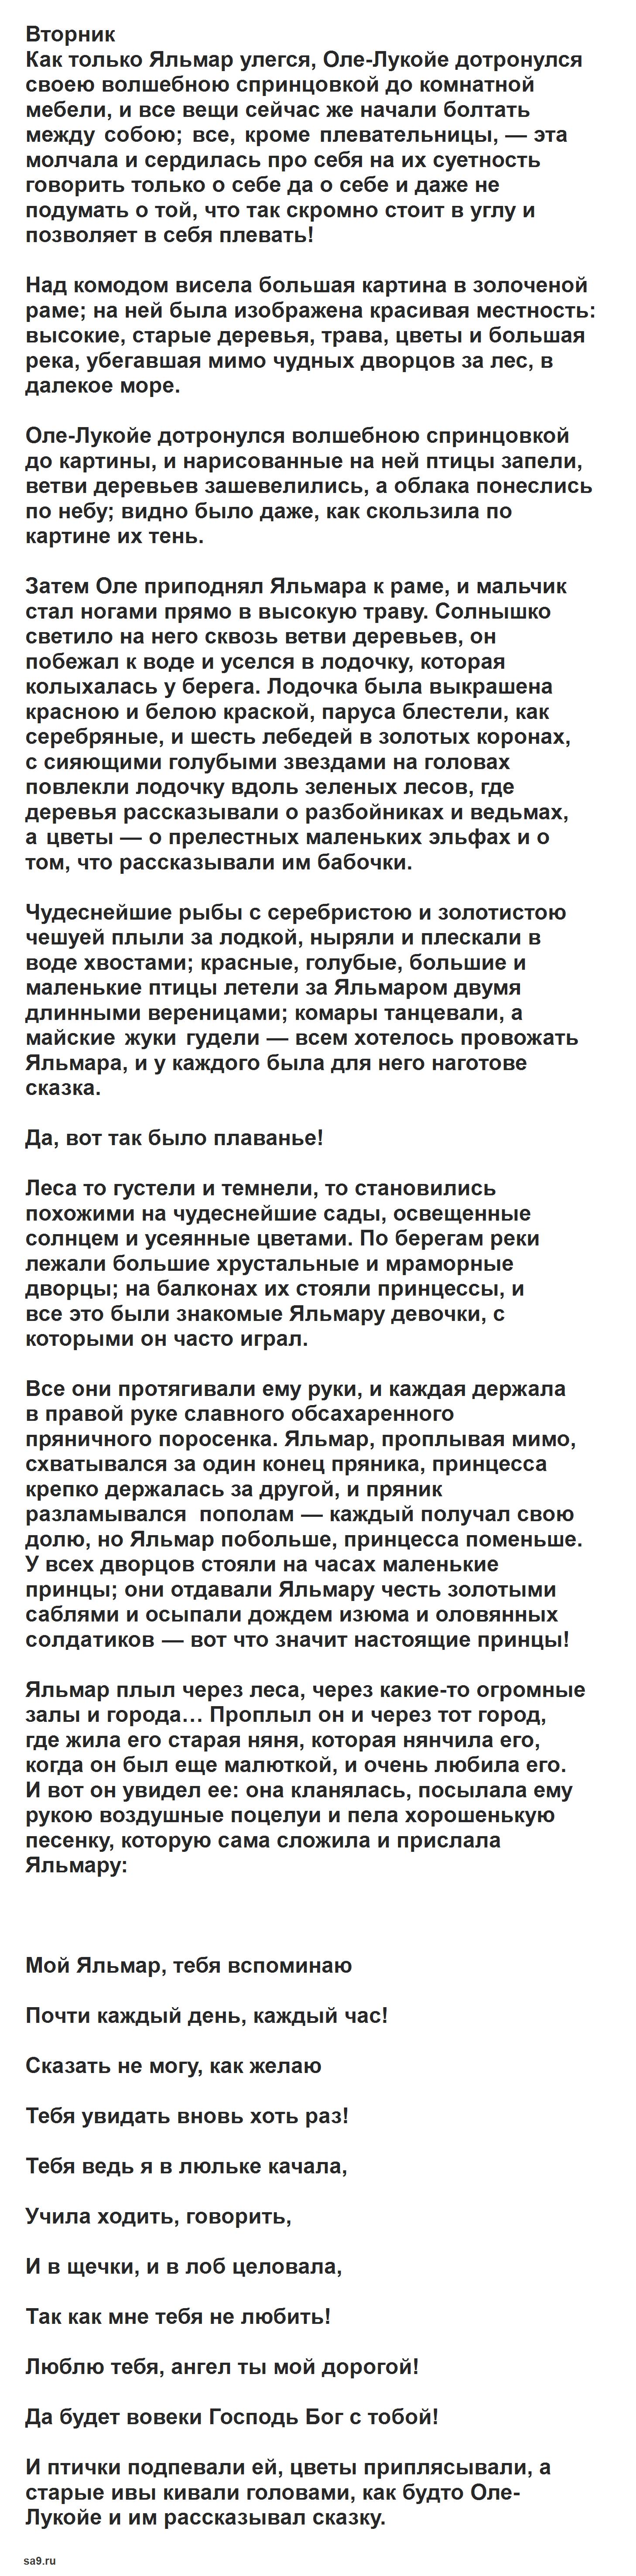 Читать сказку - Оле-Лукойе, Андерсен